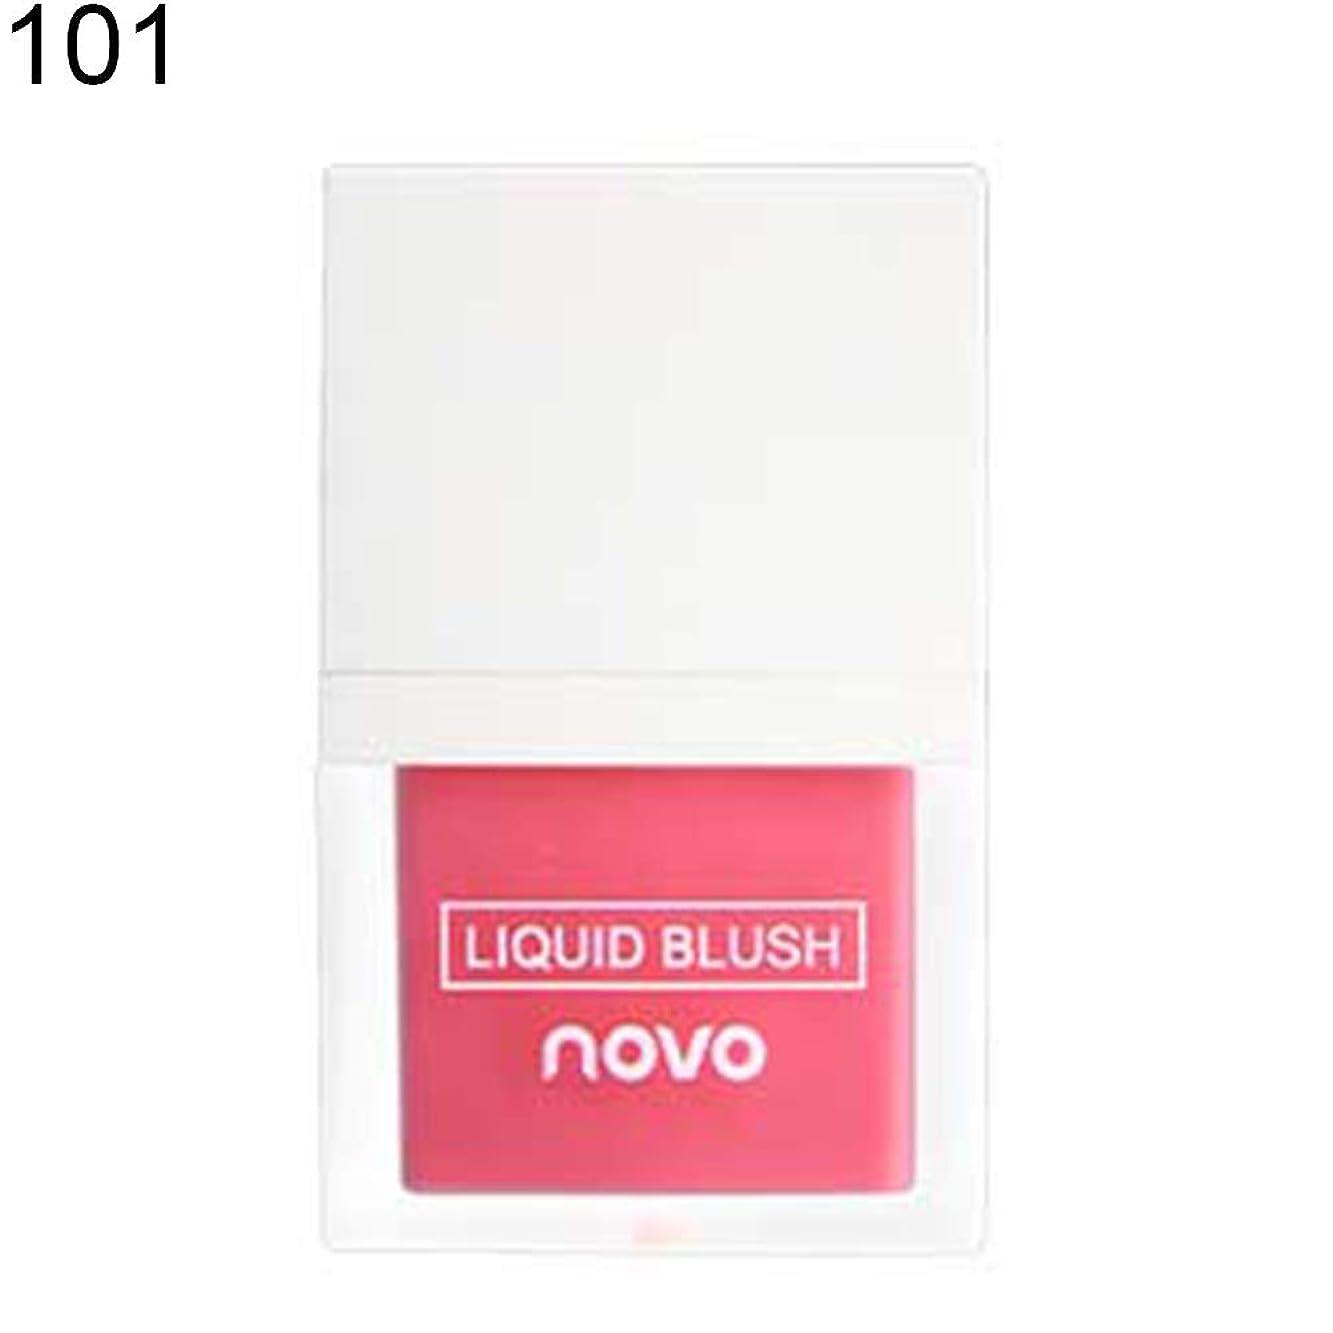 砂出会い薄いNOVO輝く長続きがする液体赤面保湿ナチュラルフェイス輪郭メイク - 1